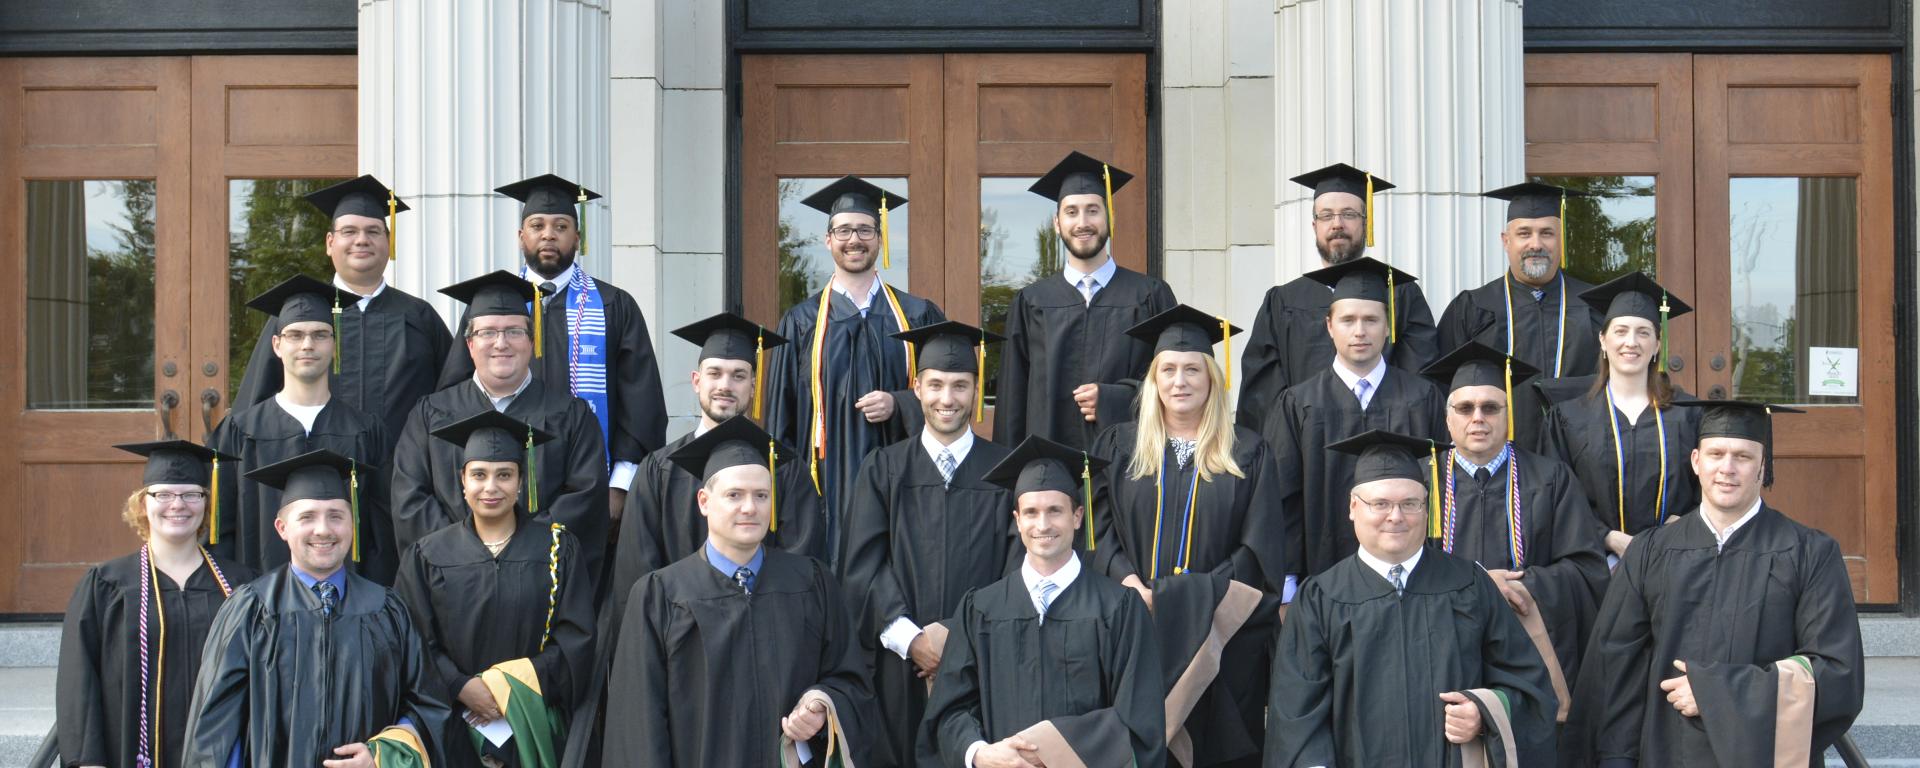 SRC graduates